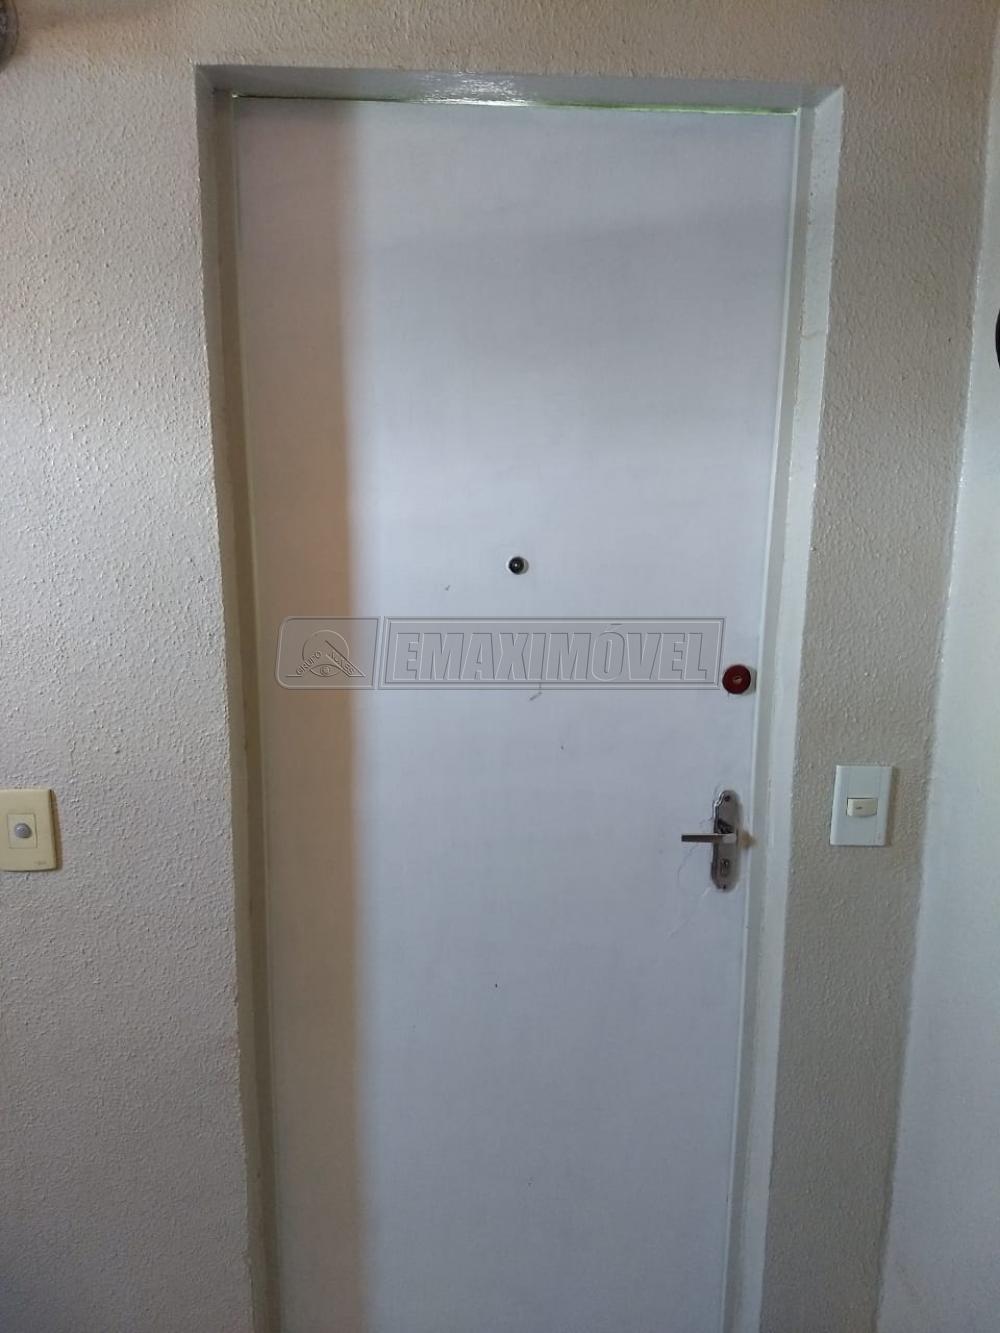 Comprar Apartamento / Padrão em Sorocaba R$ 148.400,00 - Foto 2